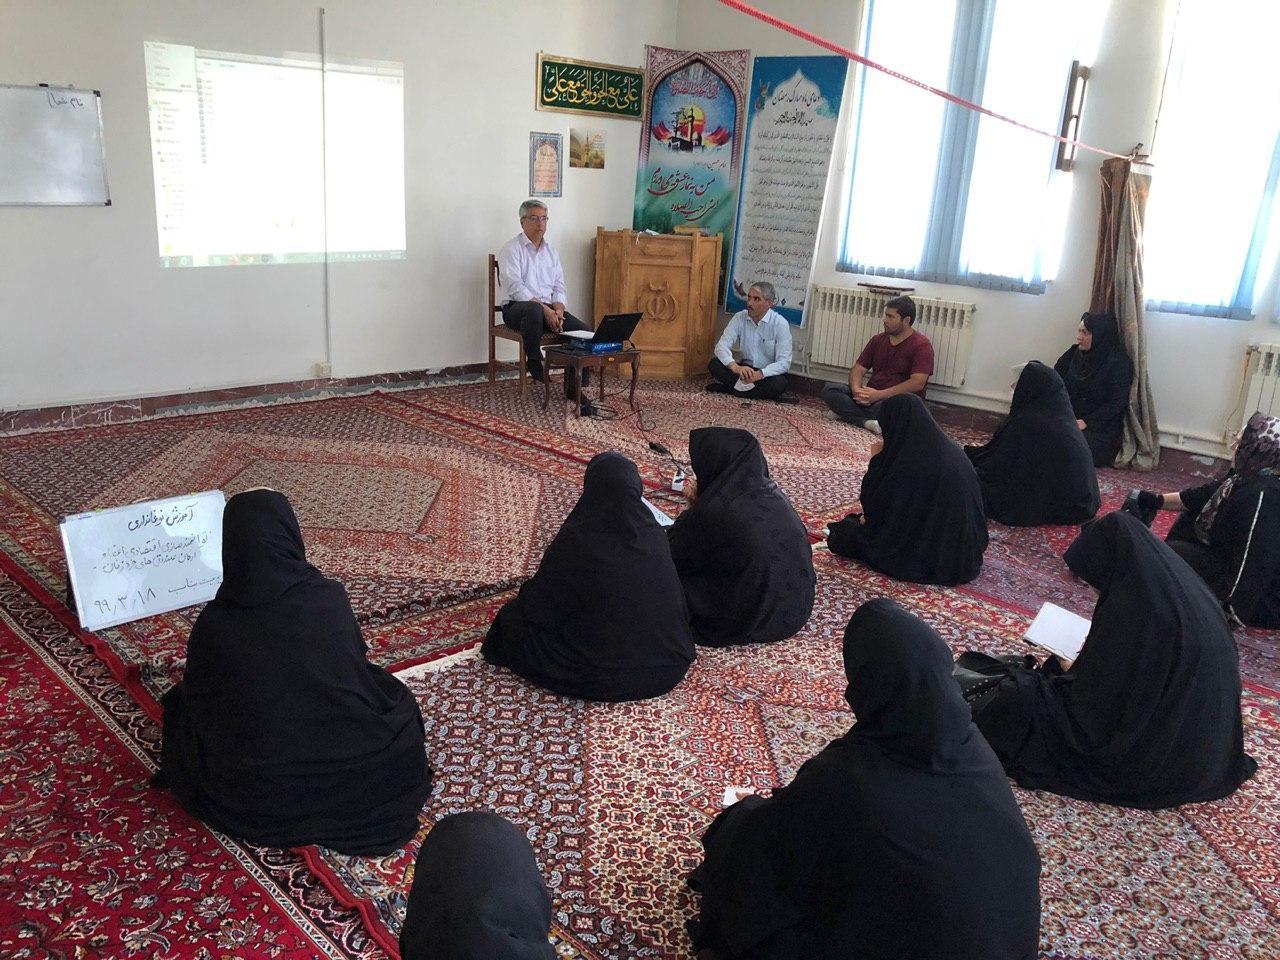 کارگاه آموزشی پرورش کرم ابریشم در شهرستان بناب برگزار شد+تصاویر